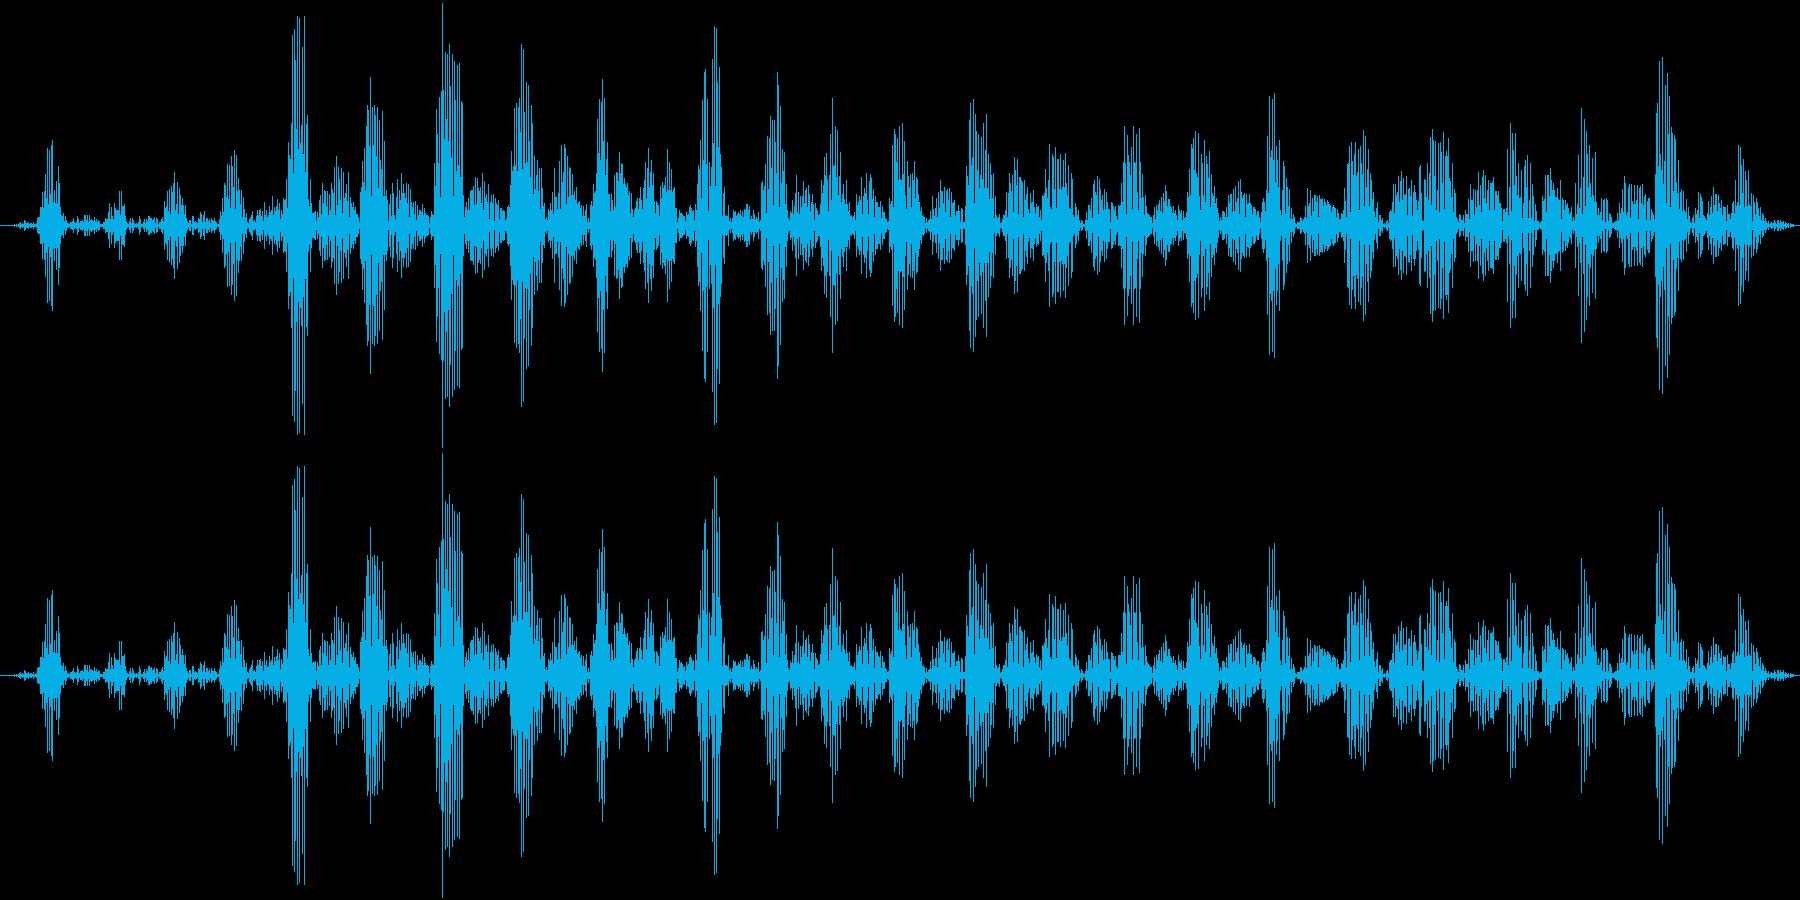 ゴロゴロ(猫が喉を鳴らす)の再生済みの波形